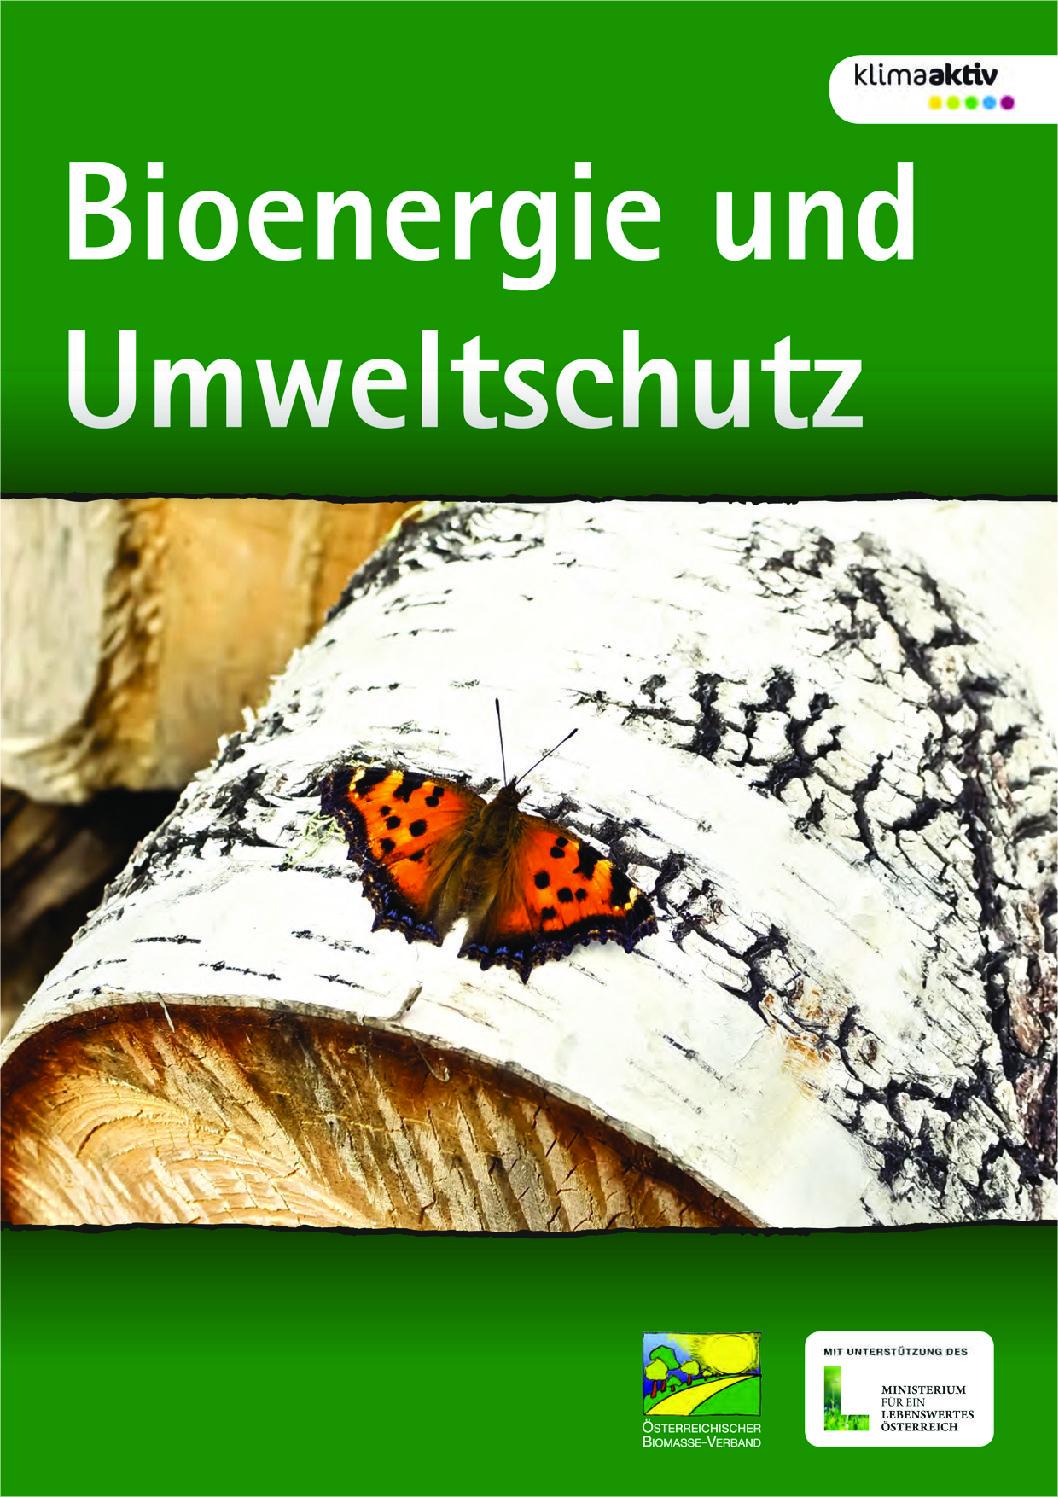 Bioenergie und Umweltschutz